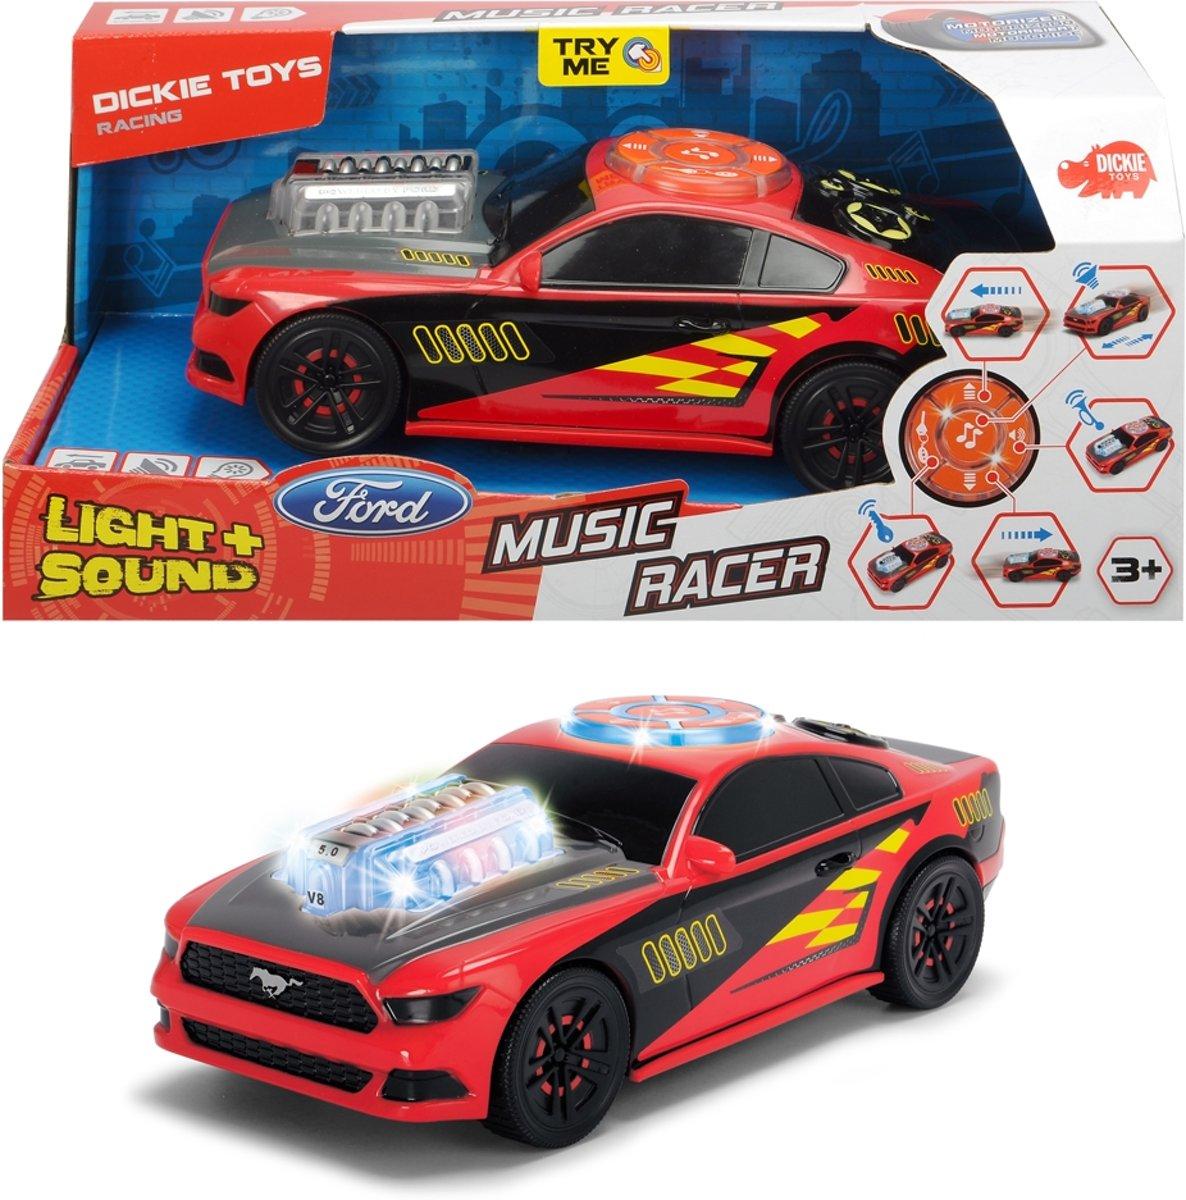 Auto - Music Racer B/O - 23 Cm - Speelgoedvoertuig - Licht en geluid